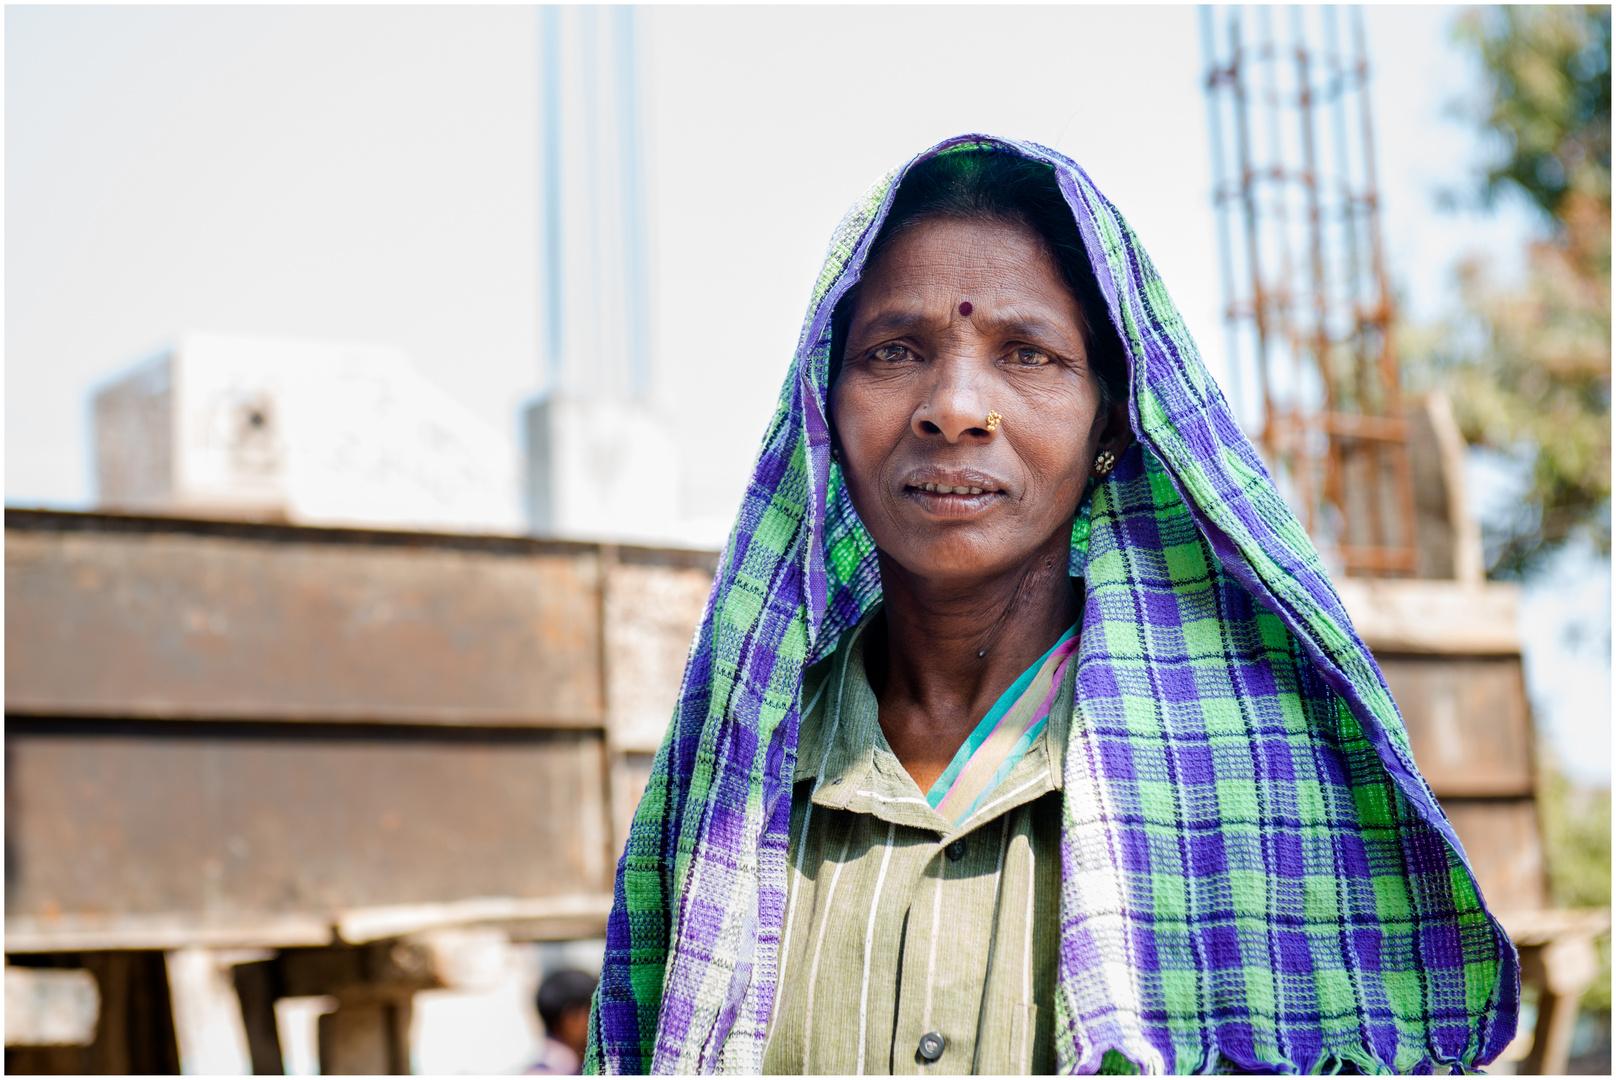 Gesichter Indiens 4 Selbstbewusste Bauarbeiterin Foto Bild